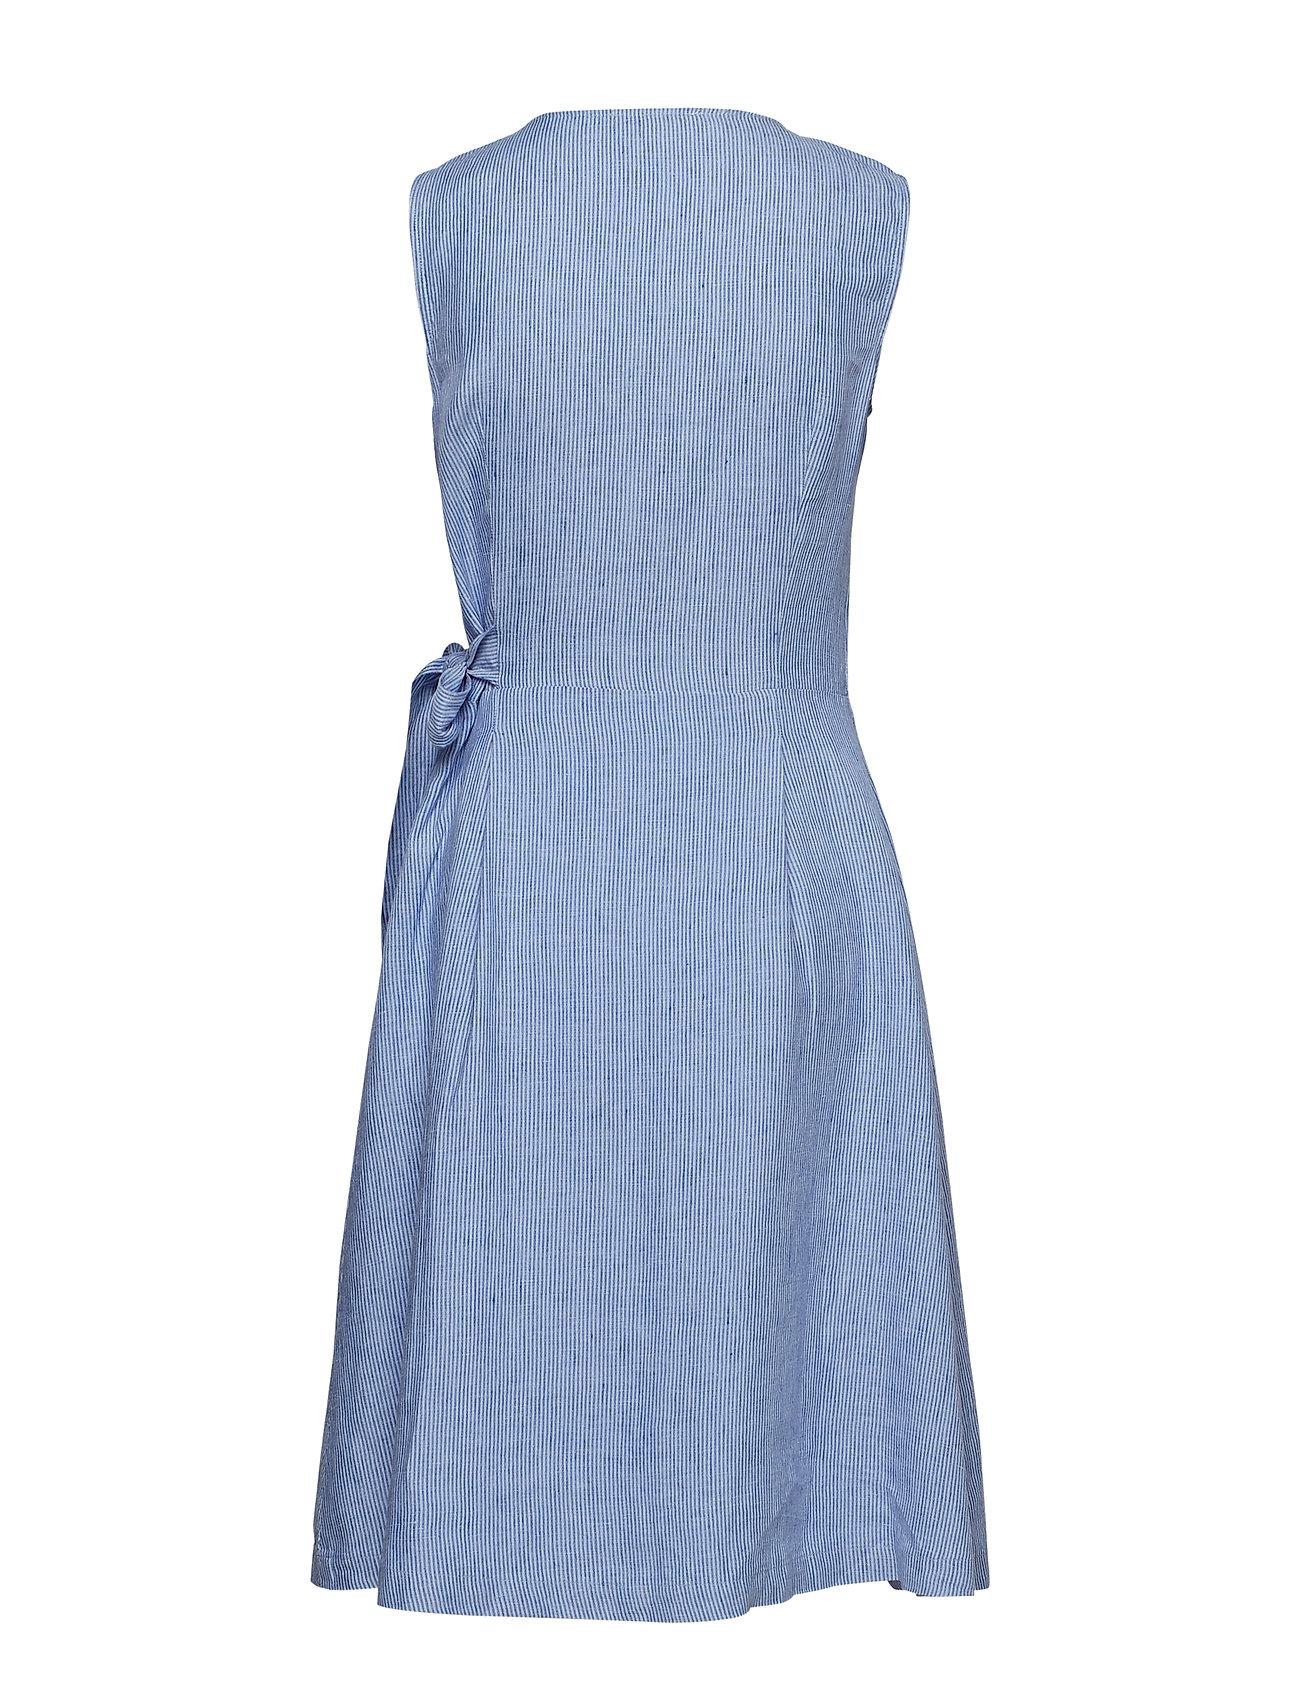 bb84367a63b Dresses Light Woven midikjoler fra Esprit til dame i BRIGHT BLUE ...